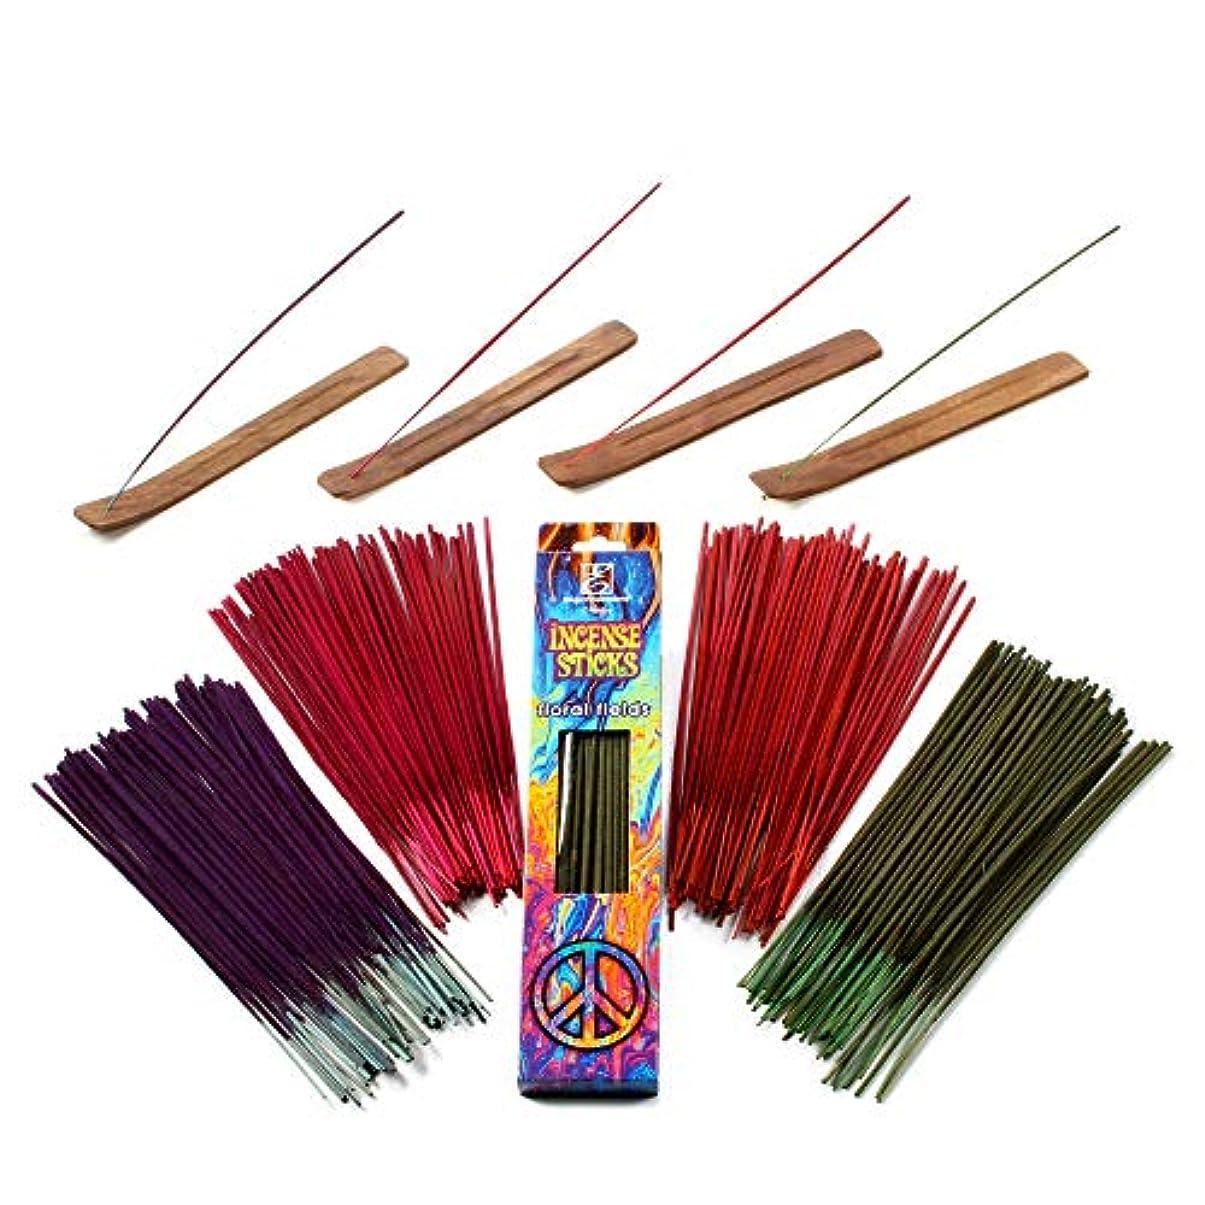 不健全表面復活するHosley 260パックAssorted Incense Sticksブラックチェリー、花柄フィールド、Mystical Trails、& Strawberry with 4ホルダー理想の結婚式、Spa ,レイキ、アロマセラピー...